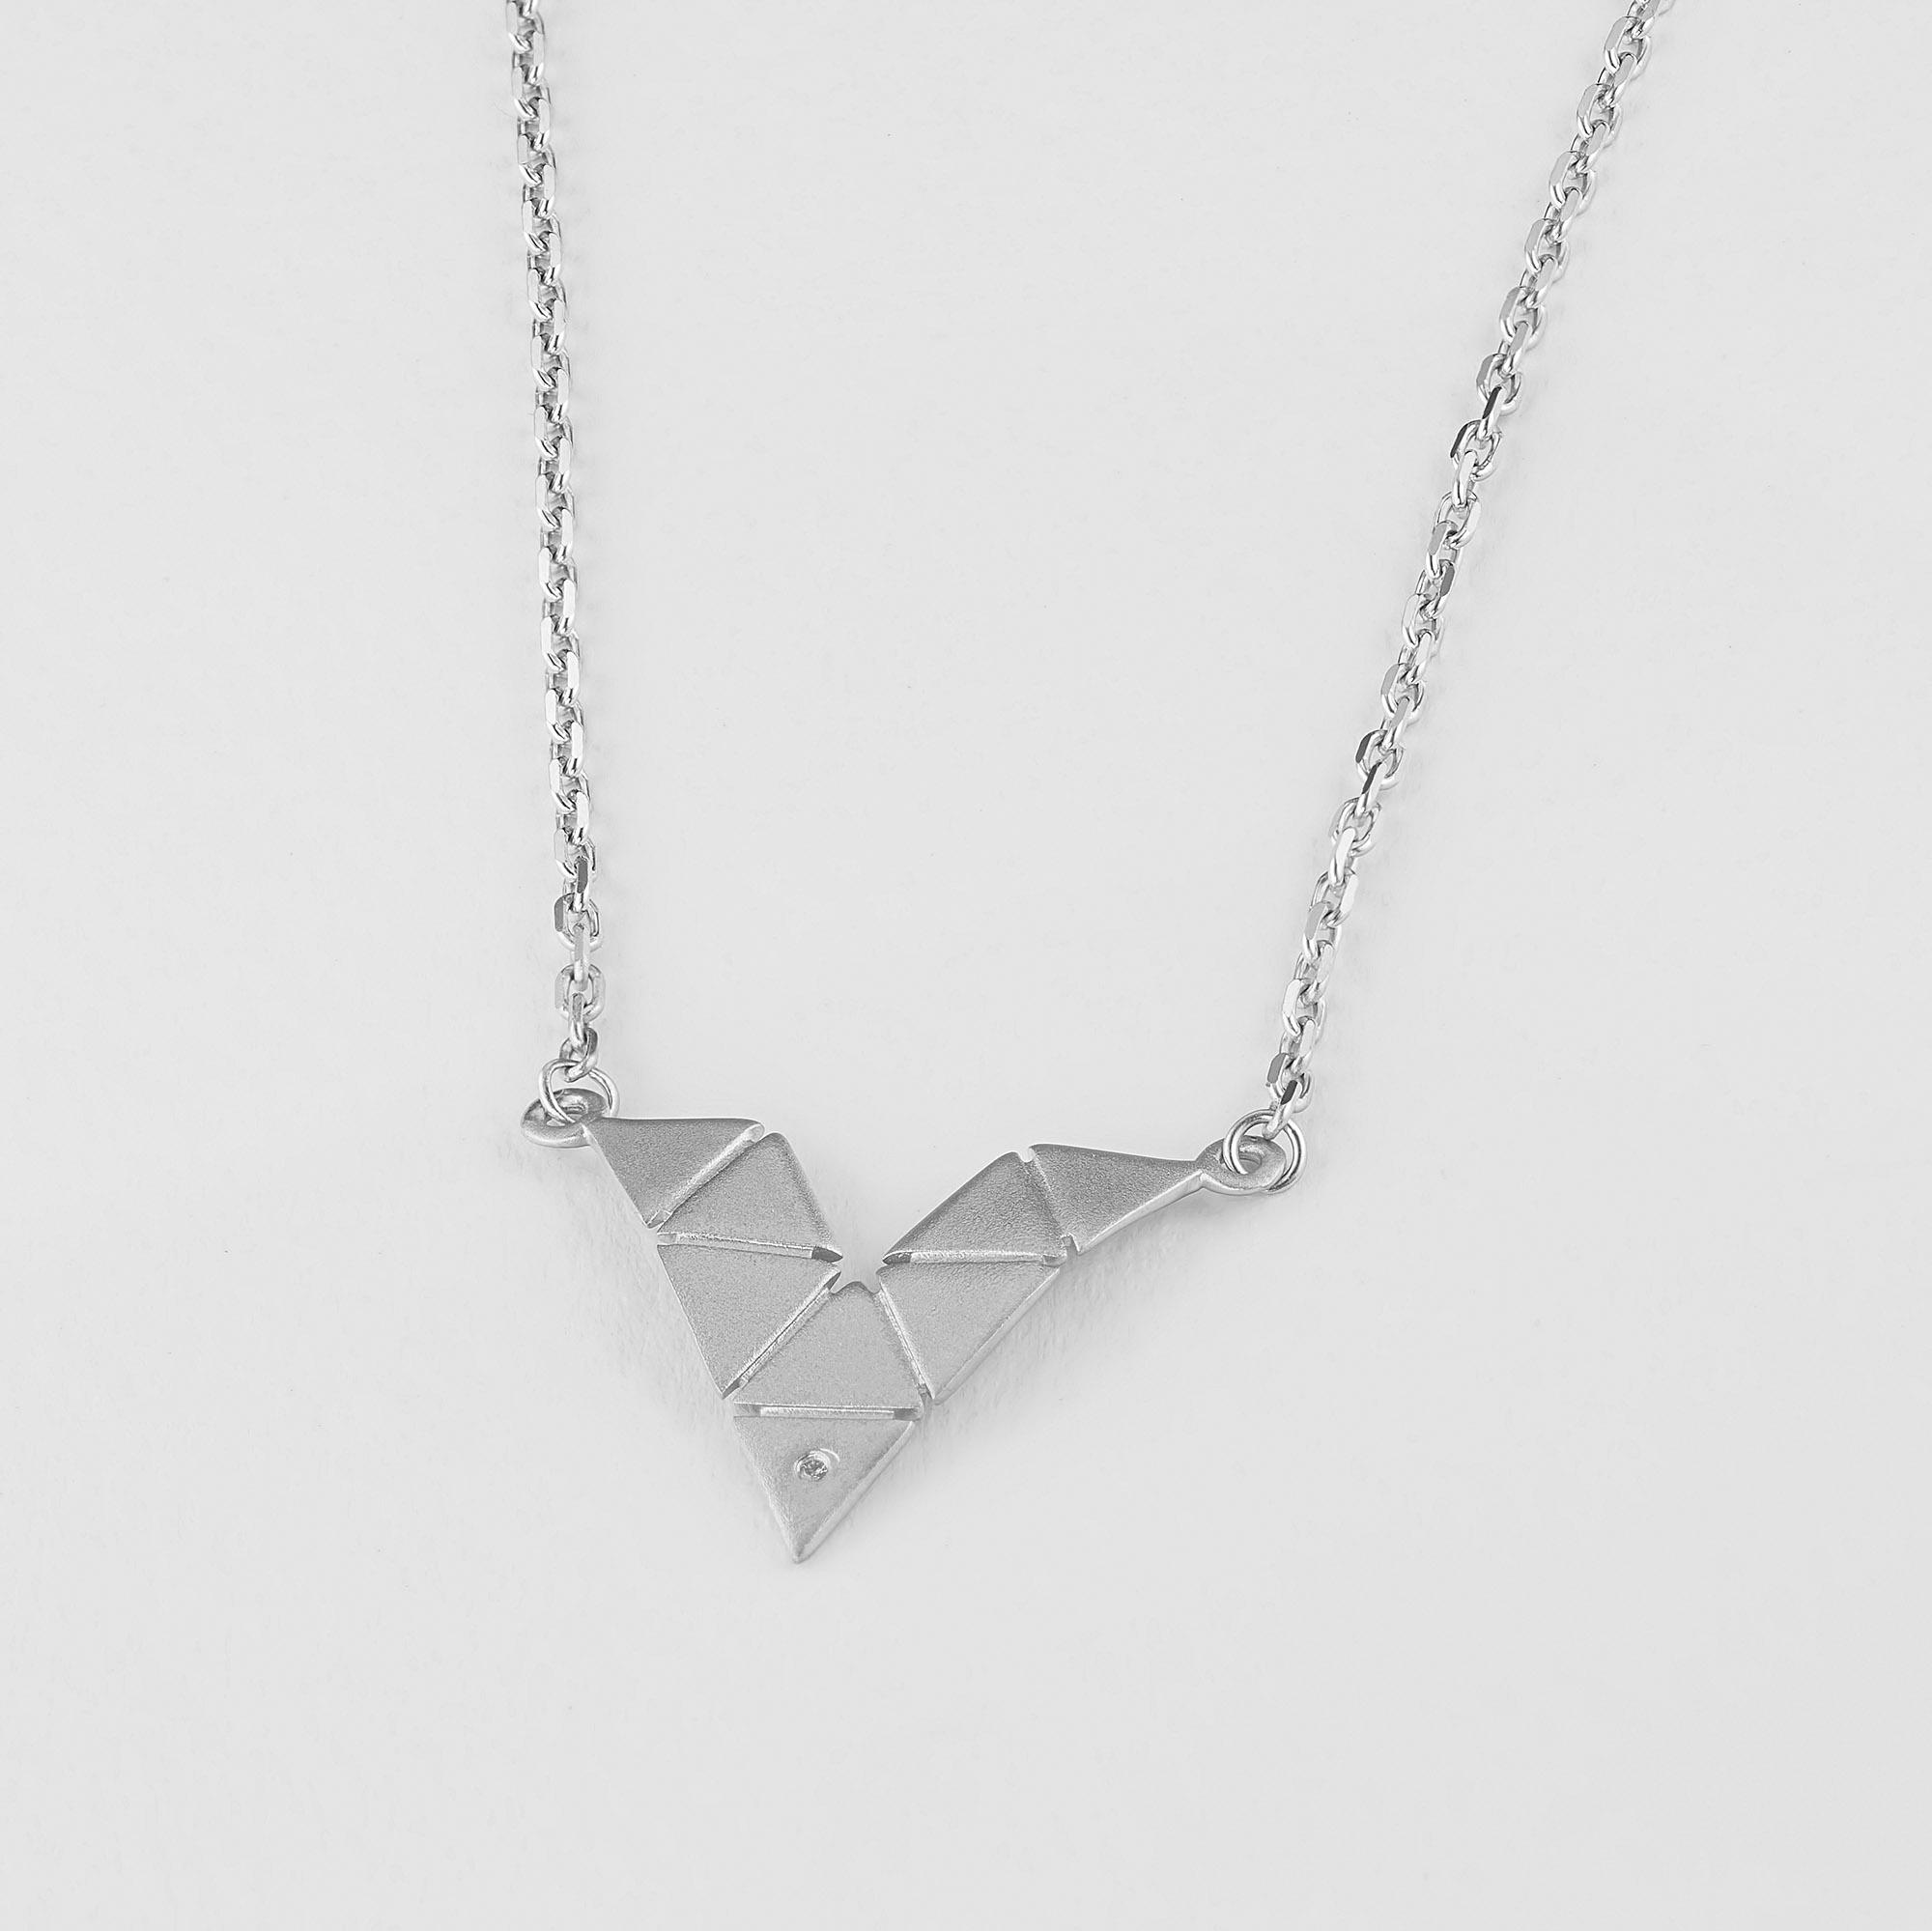 Колье из серебра с бриллиантом э1701кл03193300